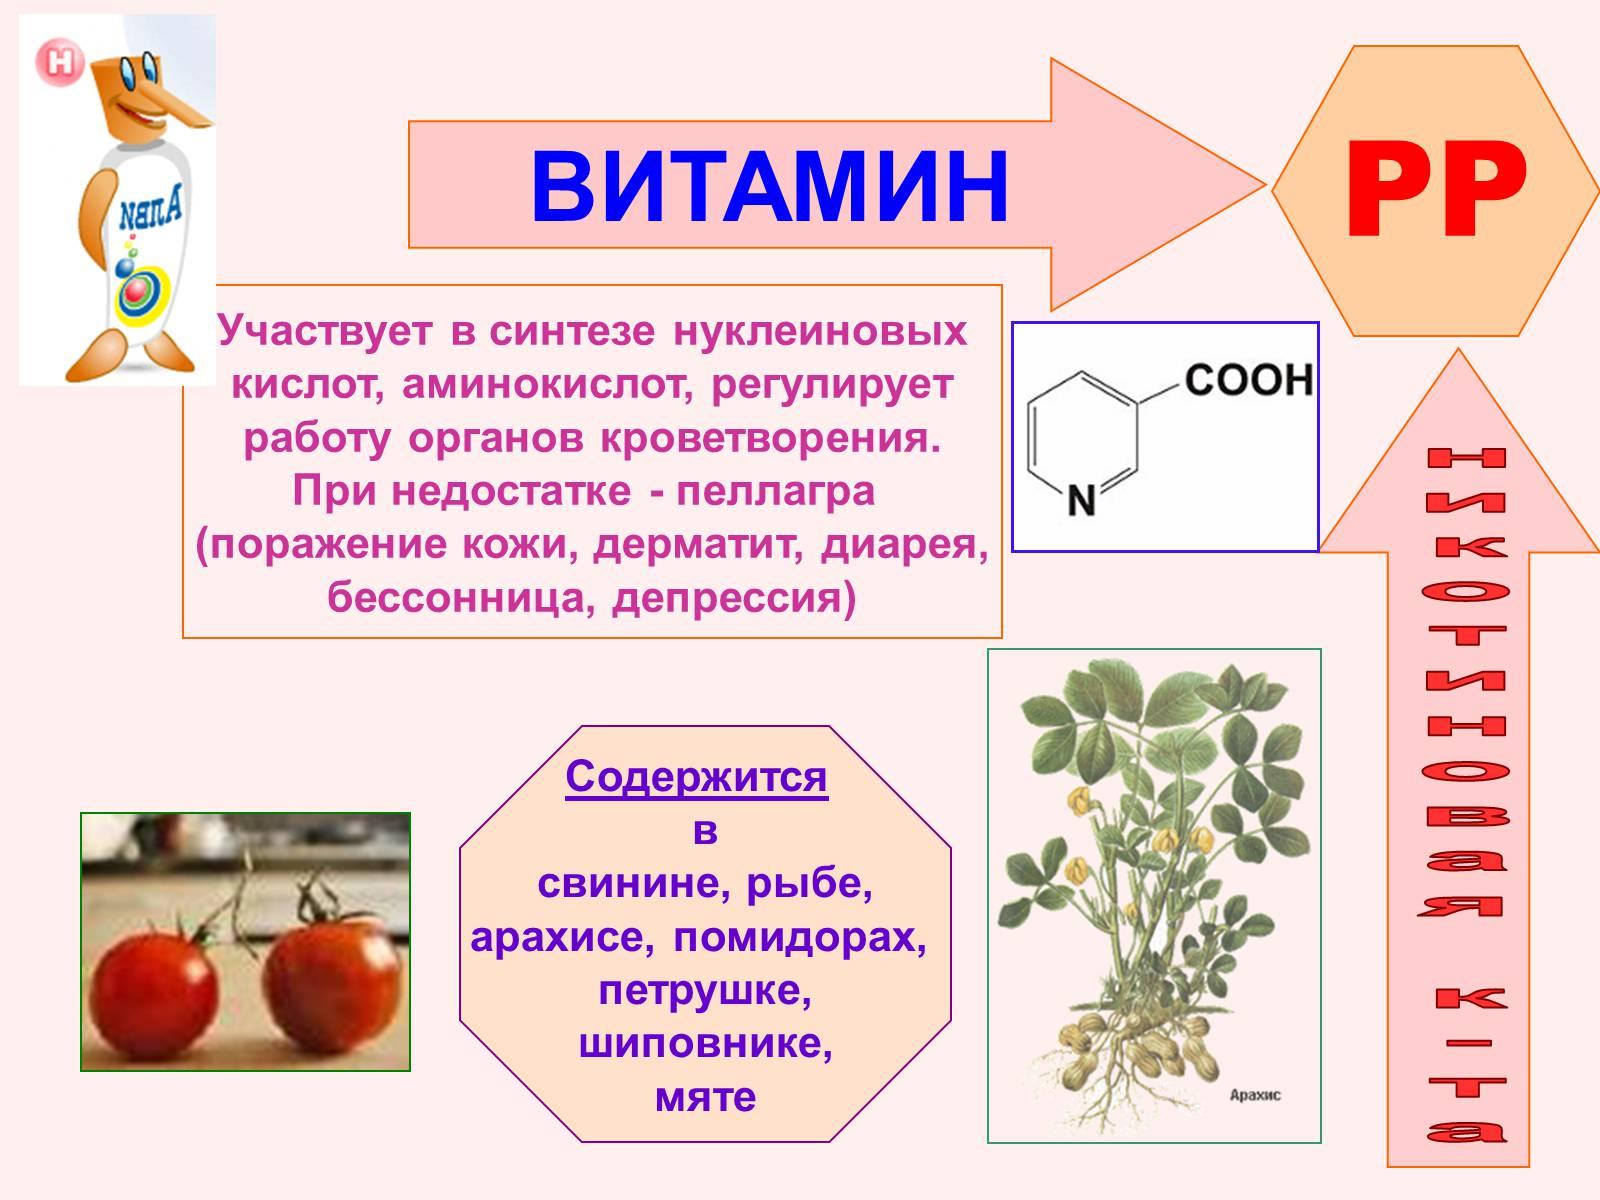 Никотиновая кислота – инструкция по применению витамина в3 (рр)